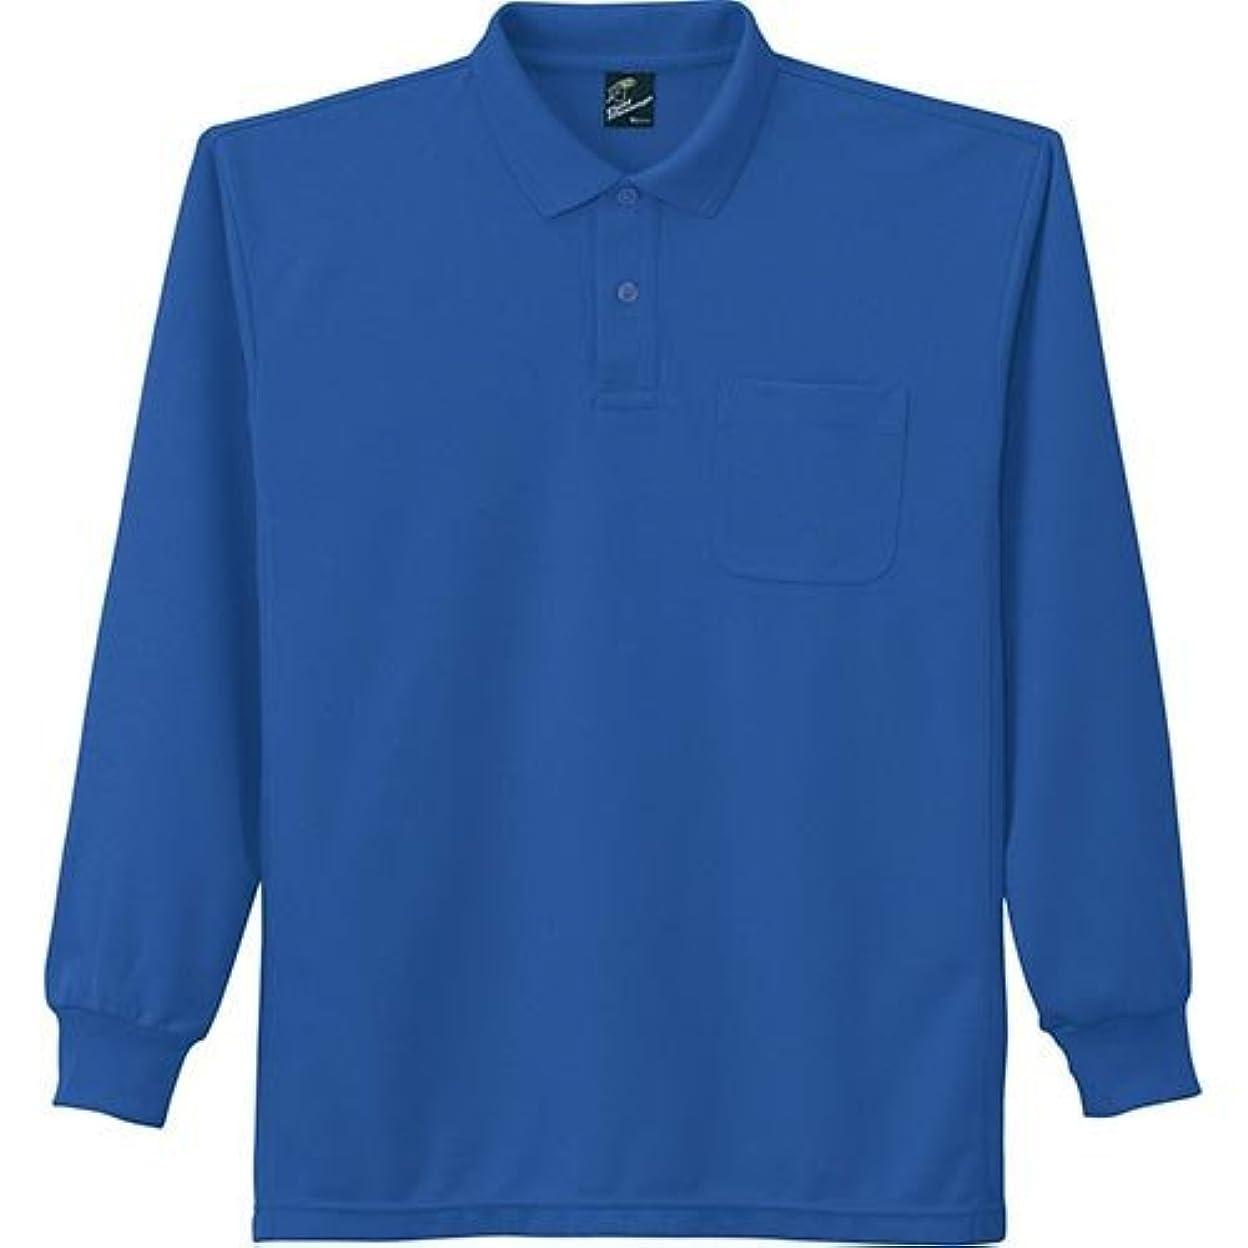 締め切り振る舞い地域(ジチョウドウ)Jichodo 84974 帯電防止長袖ポロシャツ 作業服 作業着